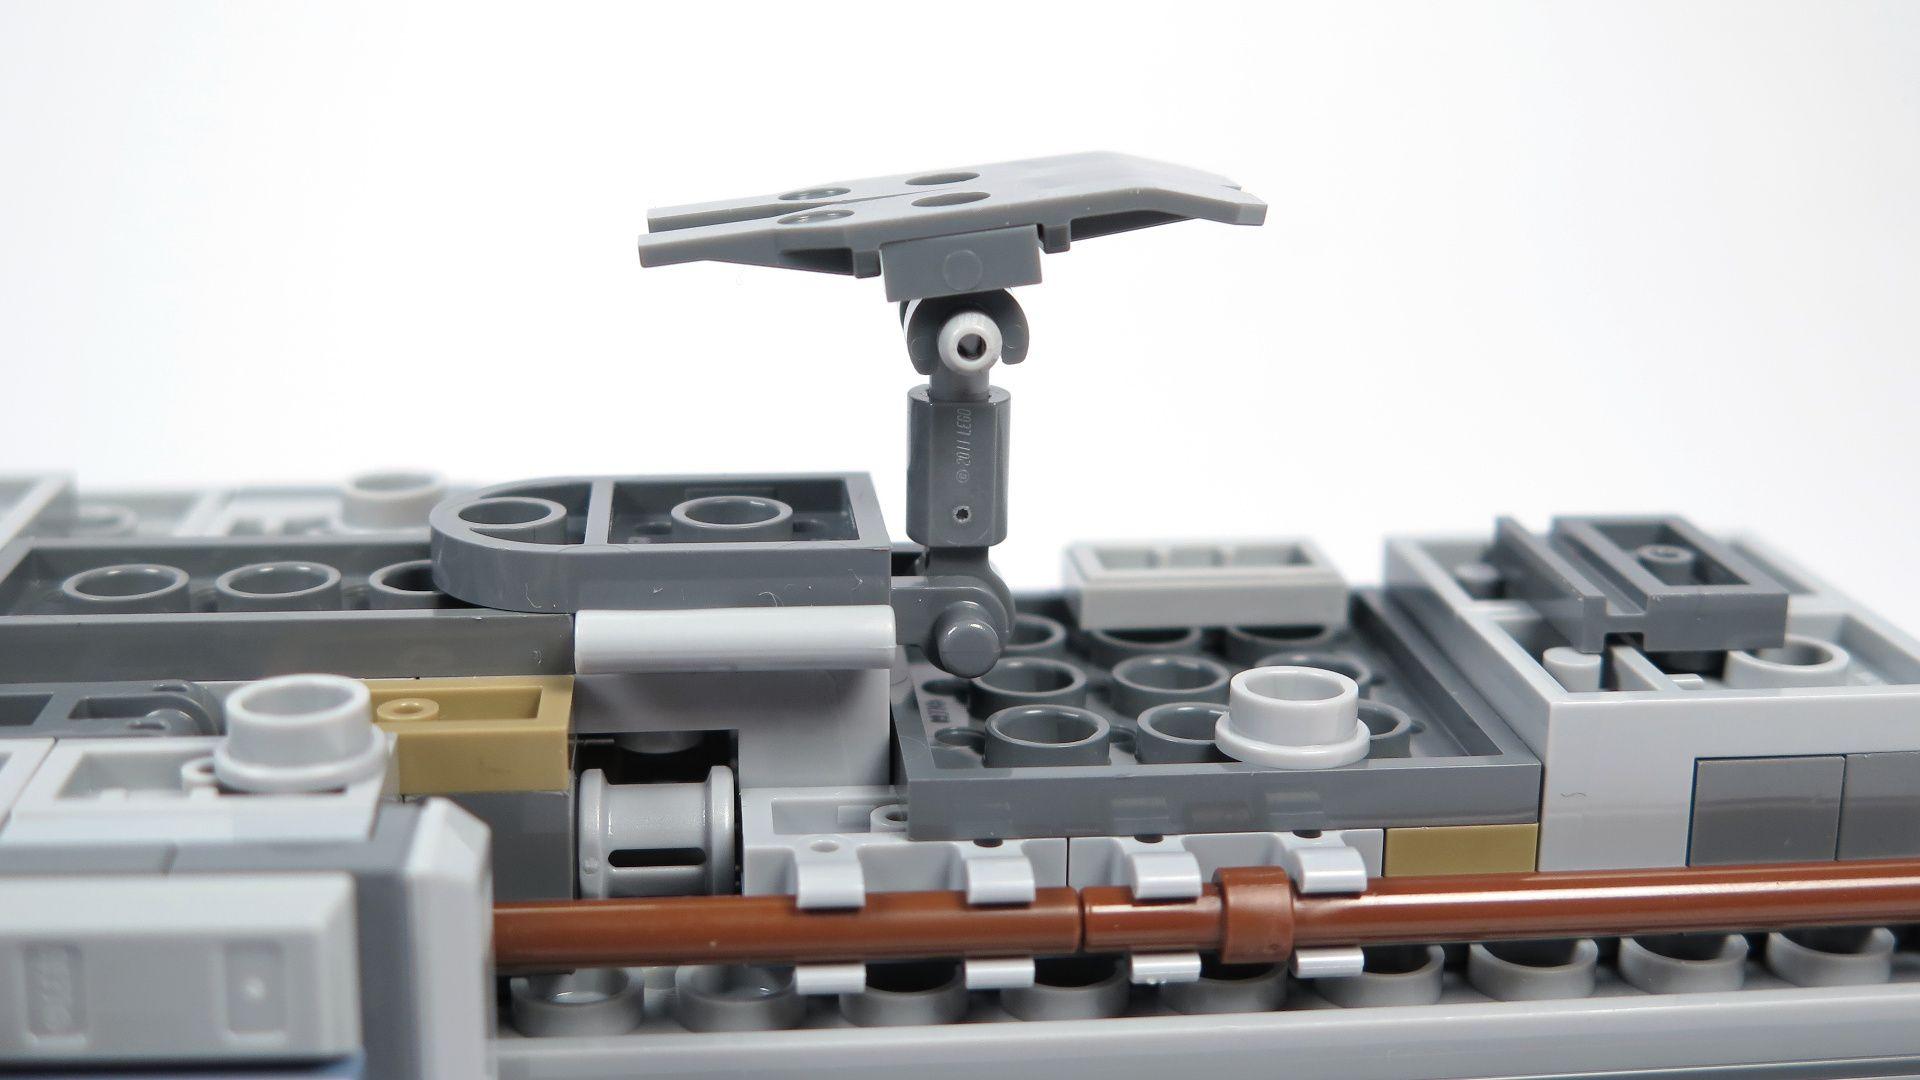 LEGO® Star Wars™ UCS Y-Wing Starfighter - Bauabschnitt 2 - Kufe | ©2018 Brickzeit